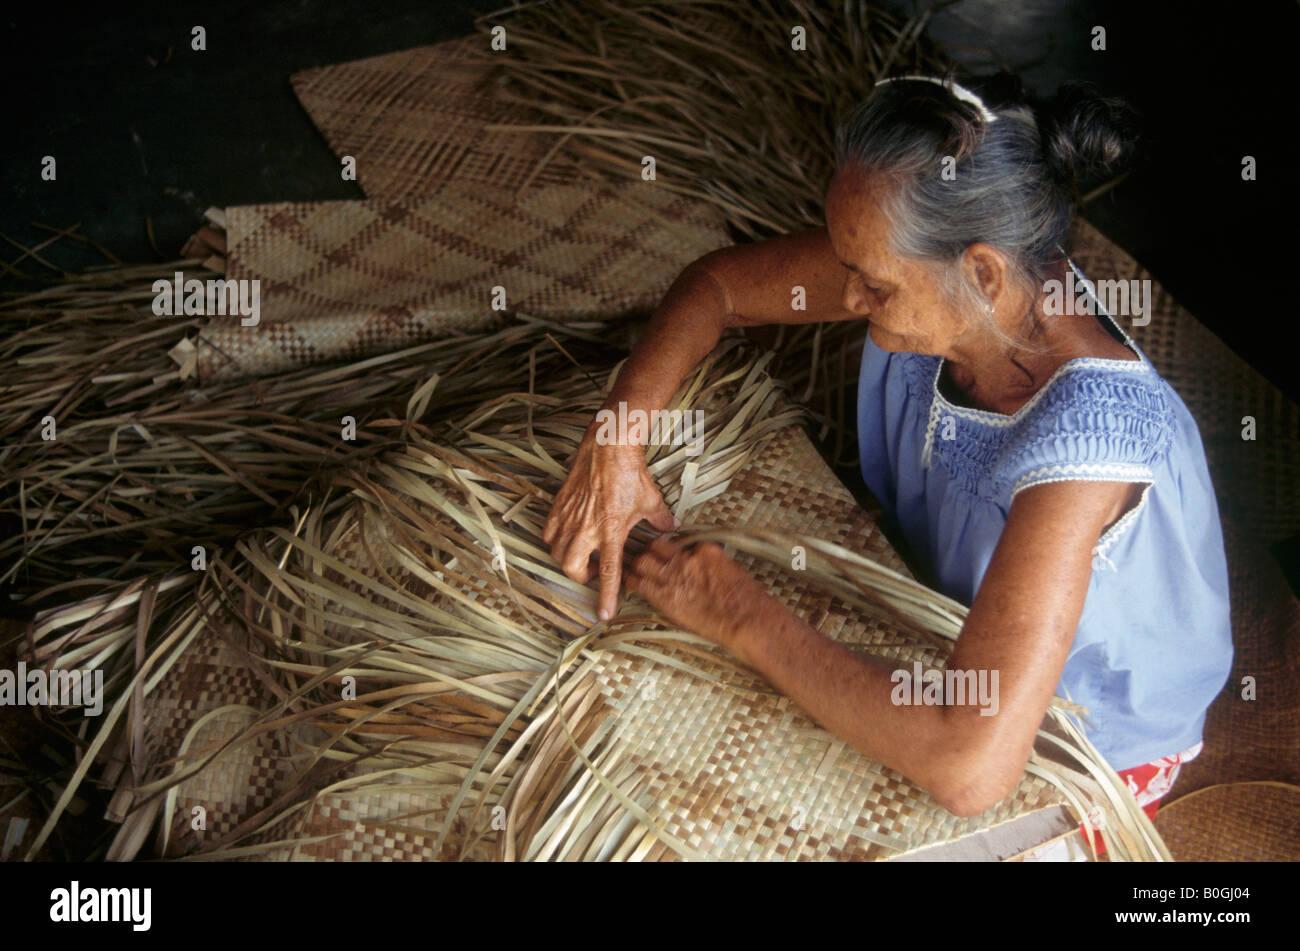 An elderly woman weaving palm leaves together to make mats, Tarawa, Kiribati. - Stock Image